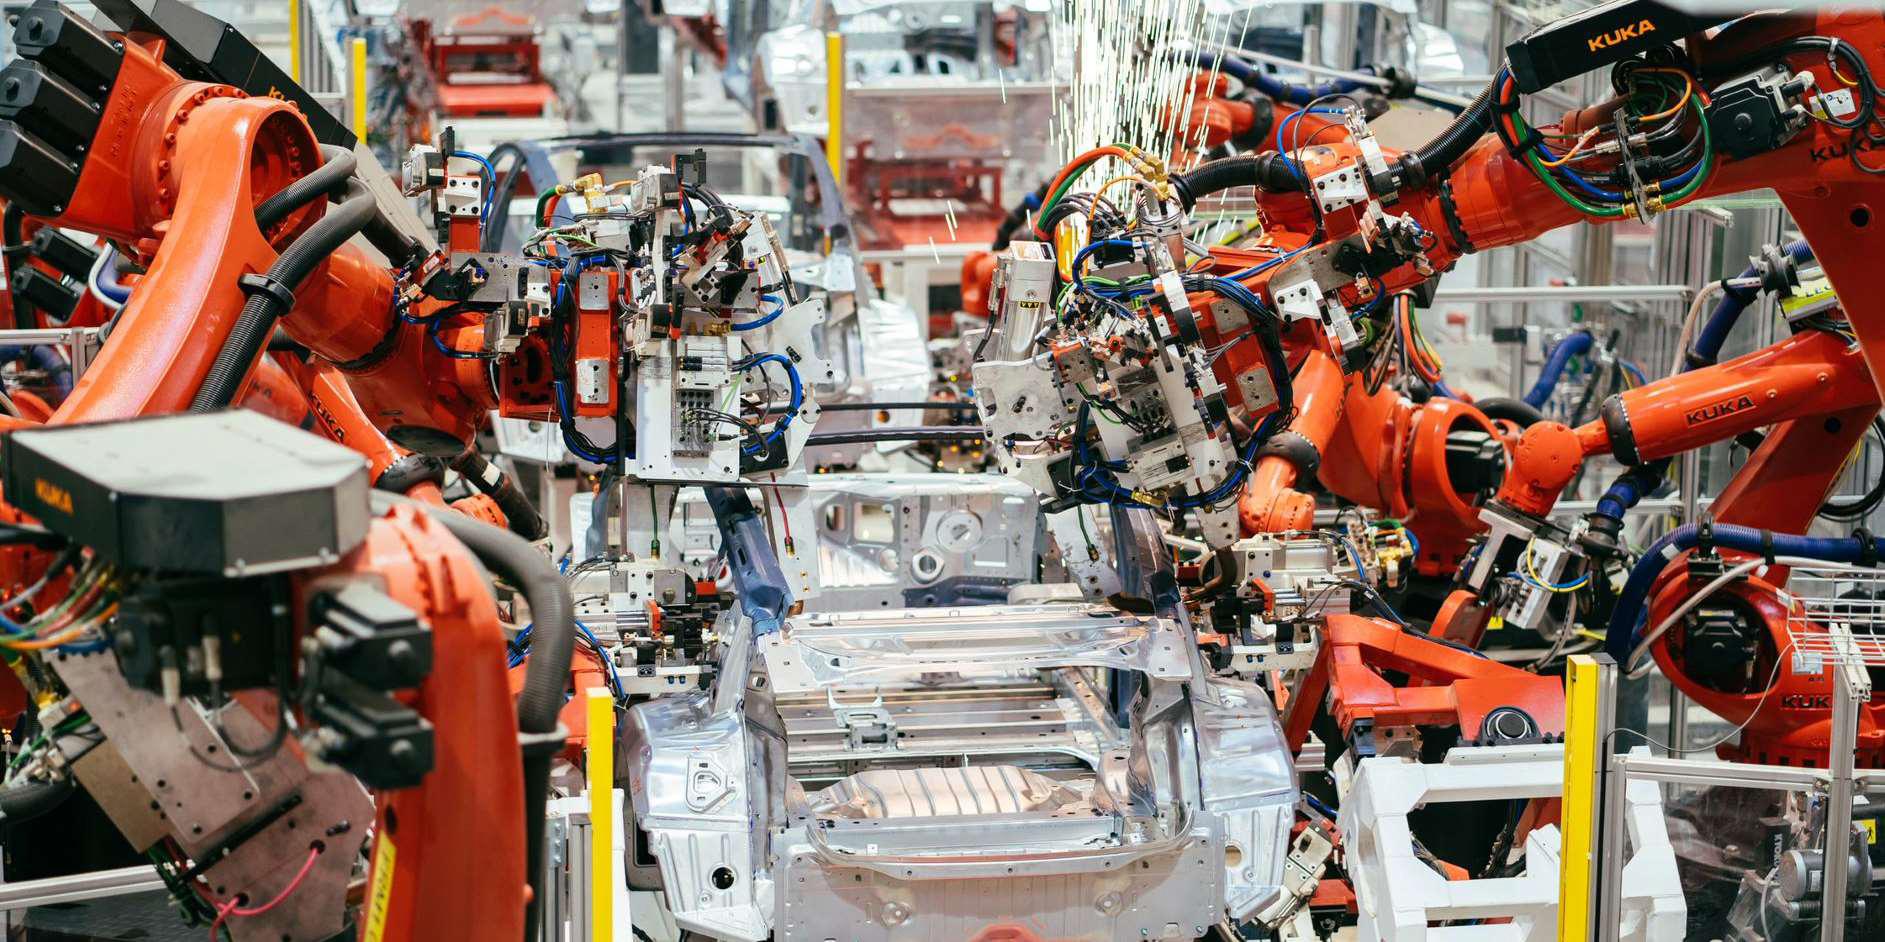 Тесла (TSLA) превосходит рыночную капитализацию в 300 миллиардов долларов, поскольку шорты набирают самую большую ставку